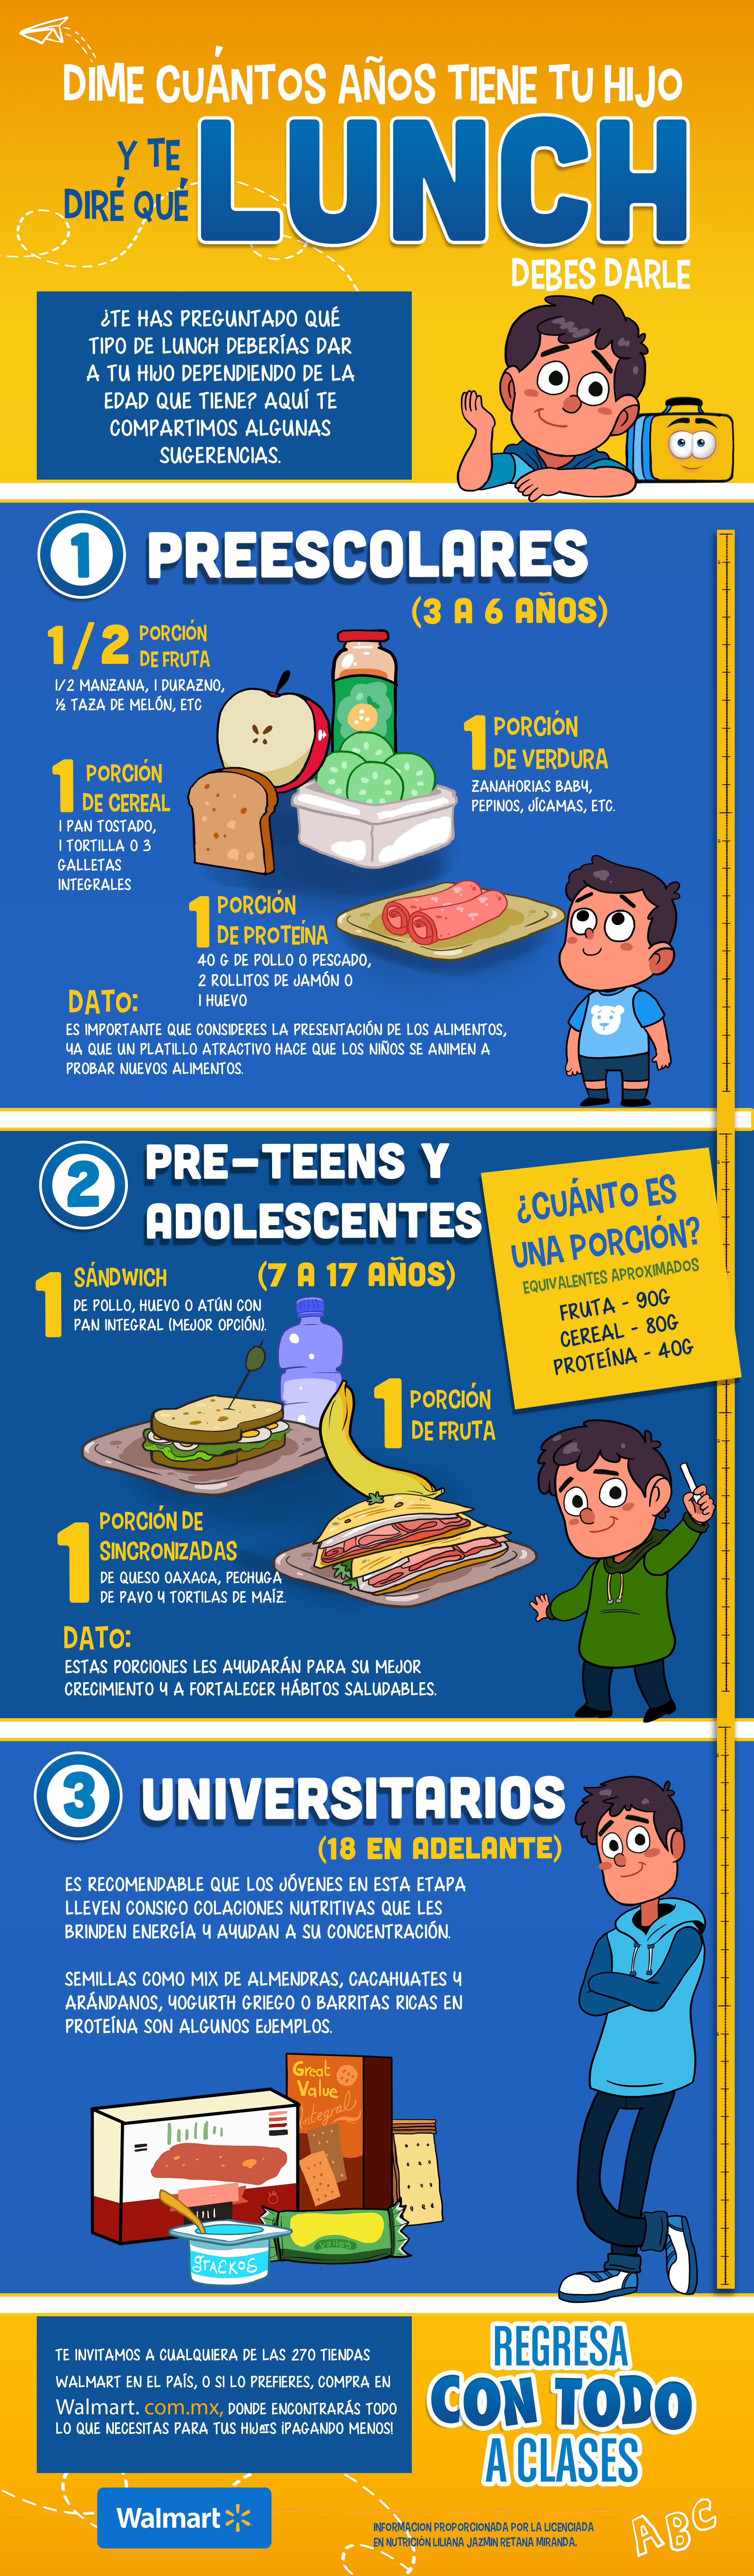 Infografía de Lunch por edades